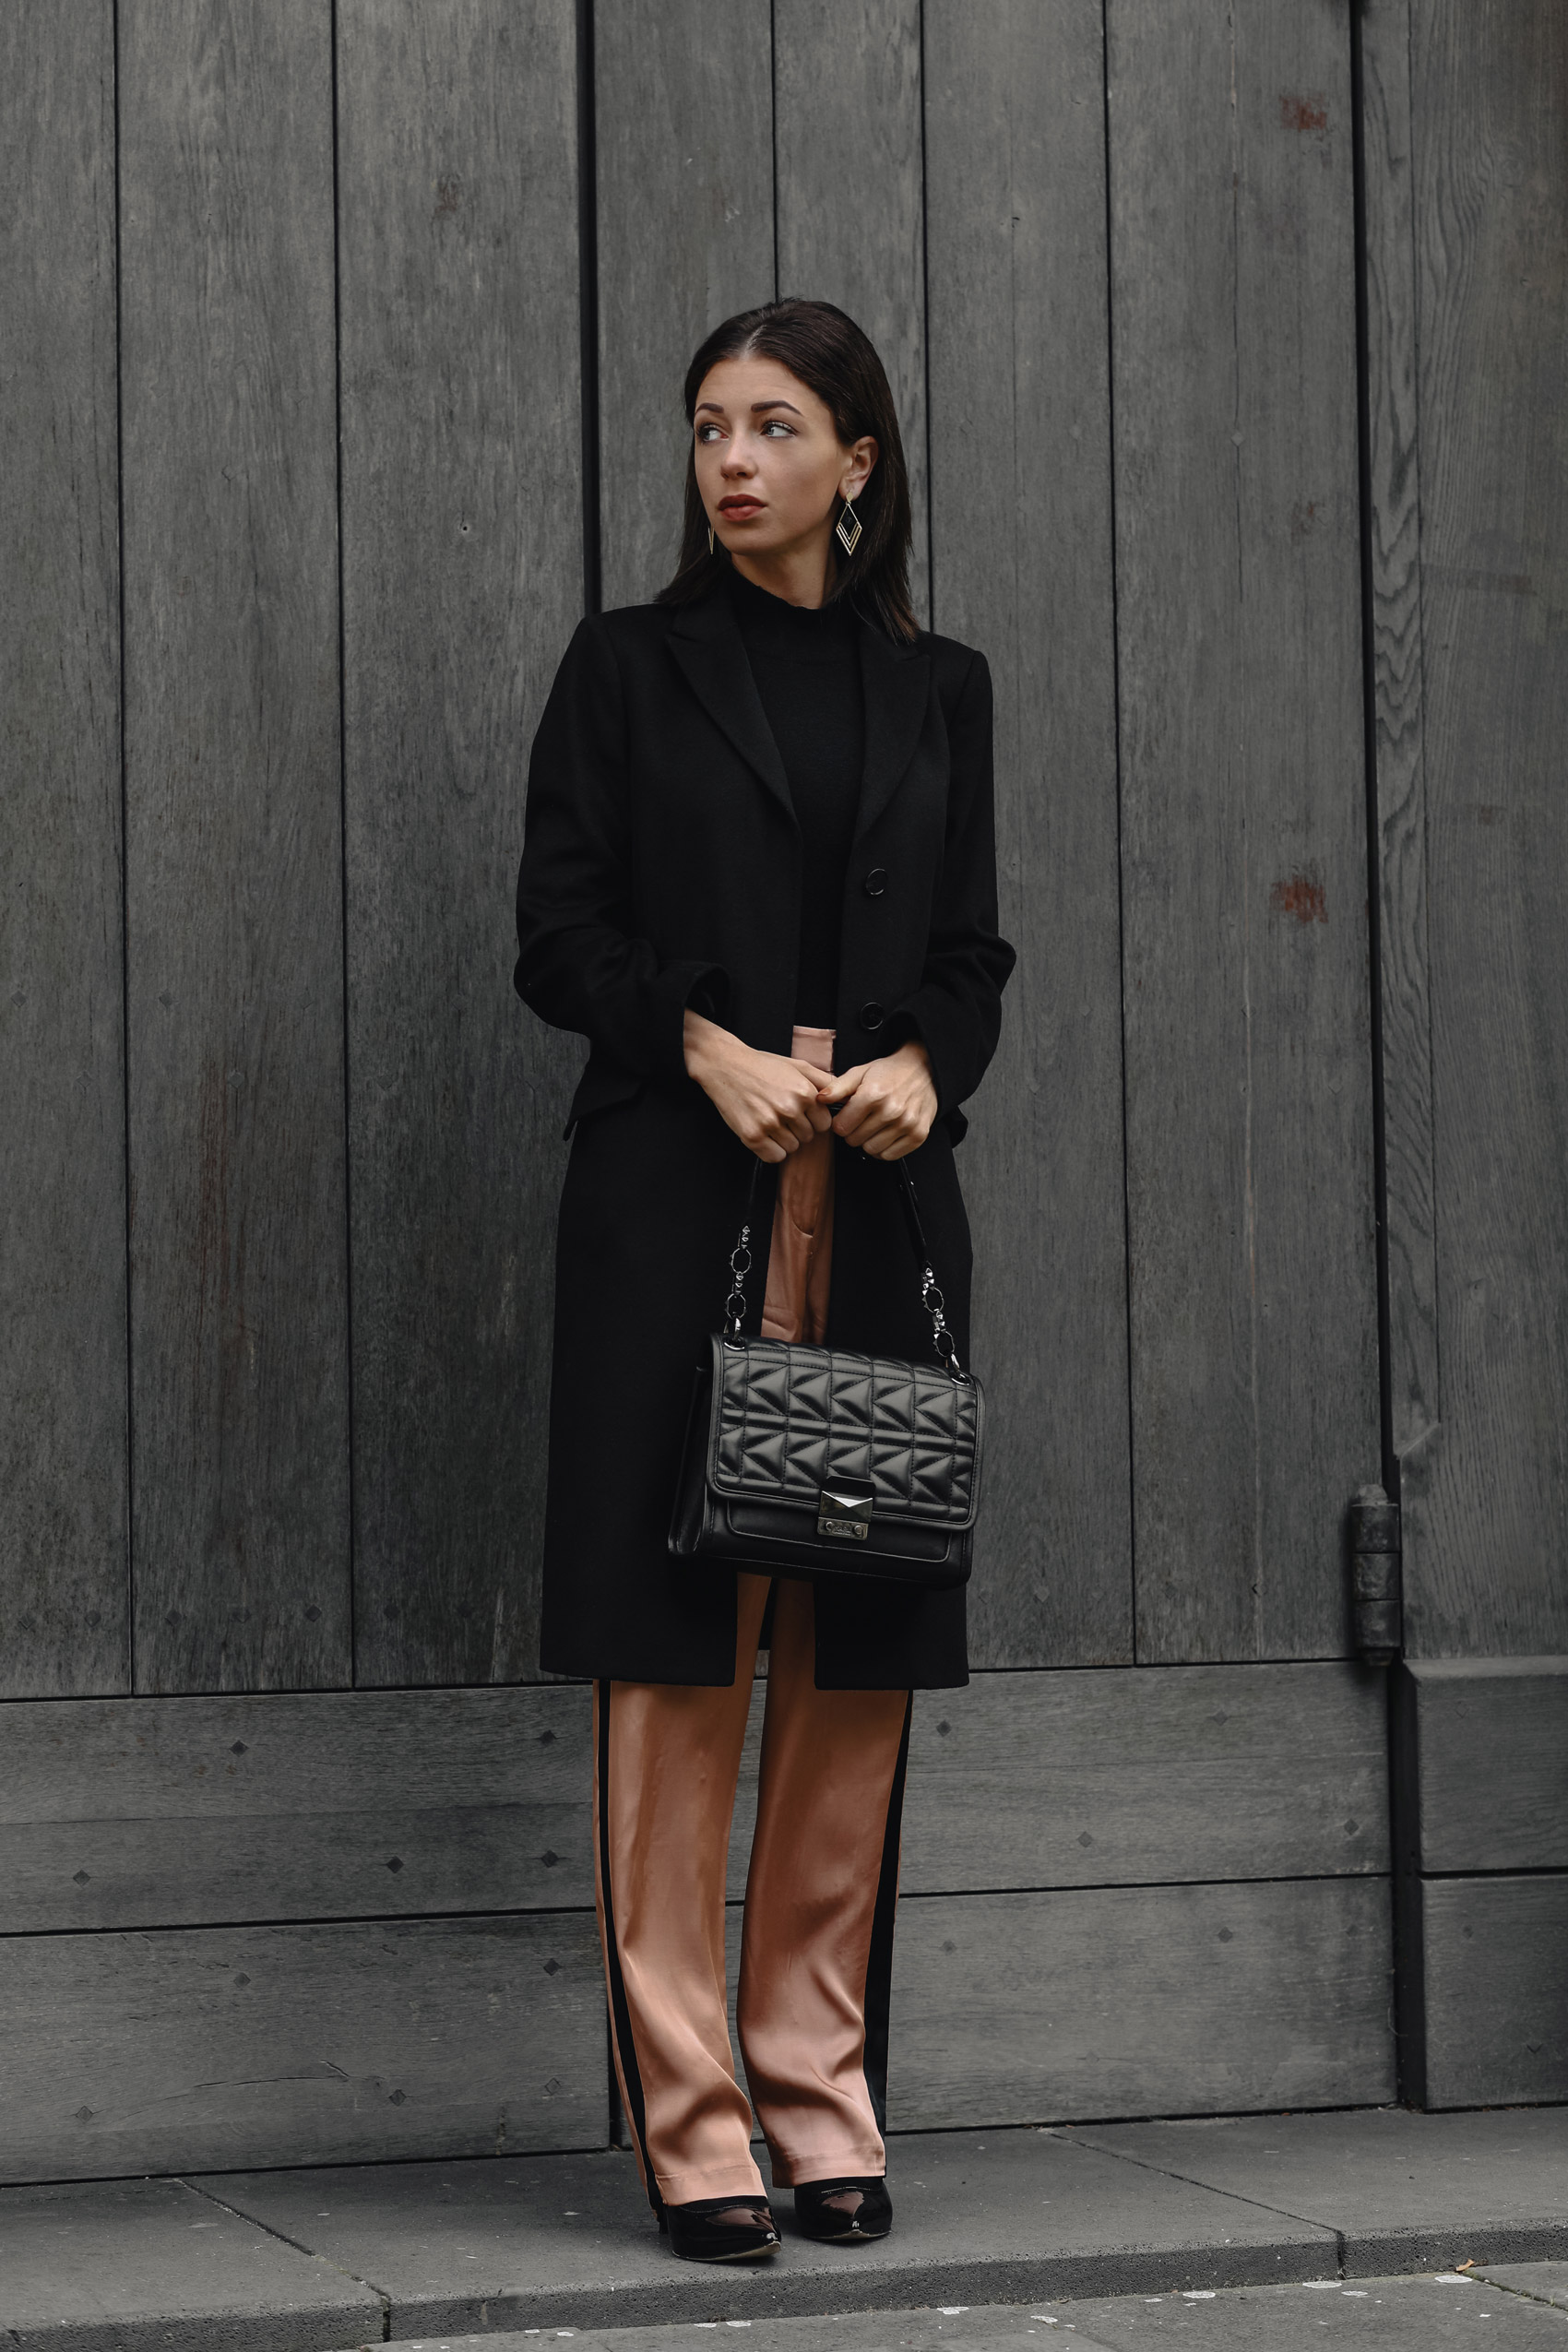 die-einflussreichsten-modeblogs-deutschland-high-fashion-blogger-jasmin-kessler-couture-de-coeur-6